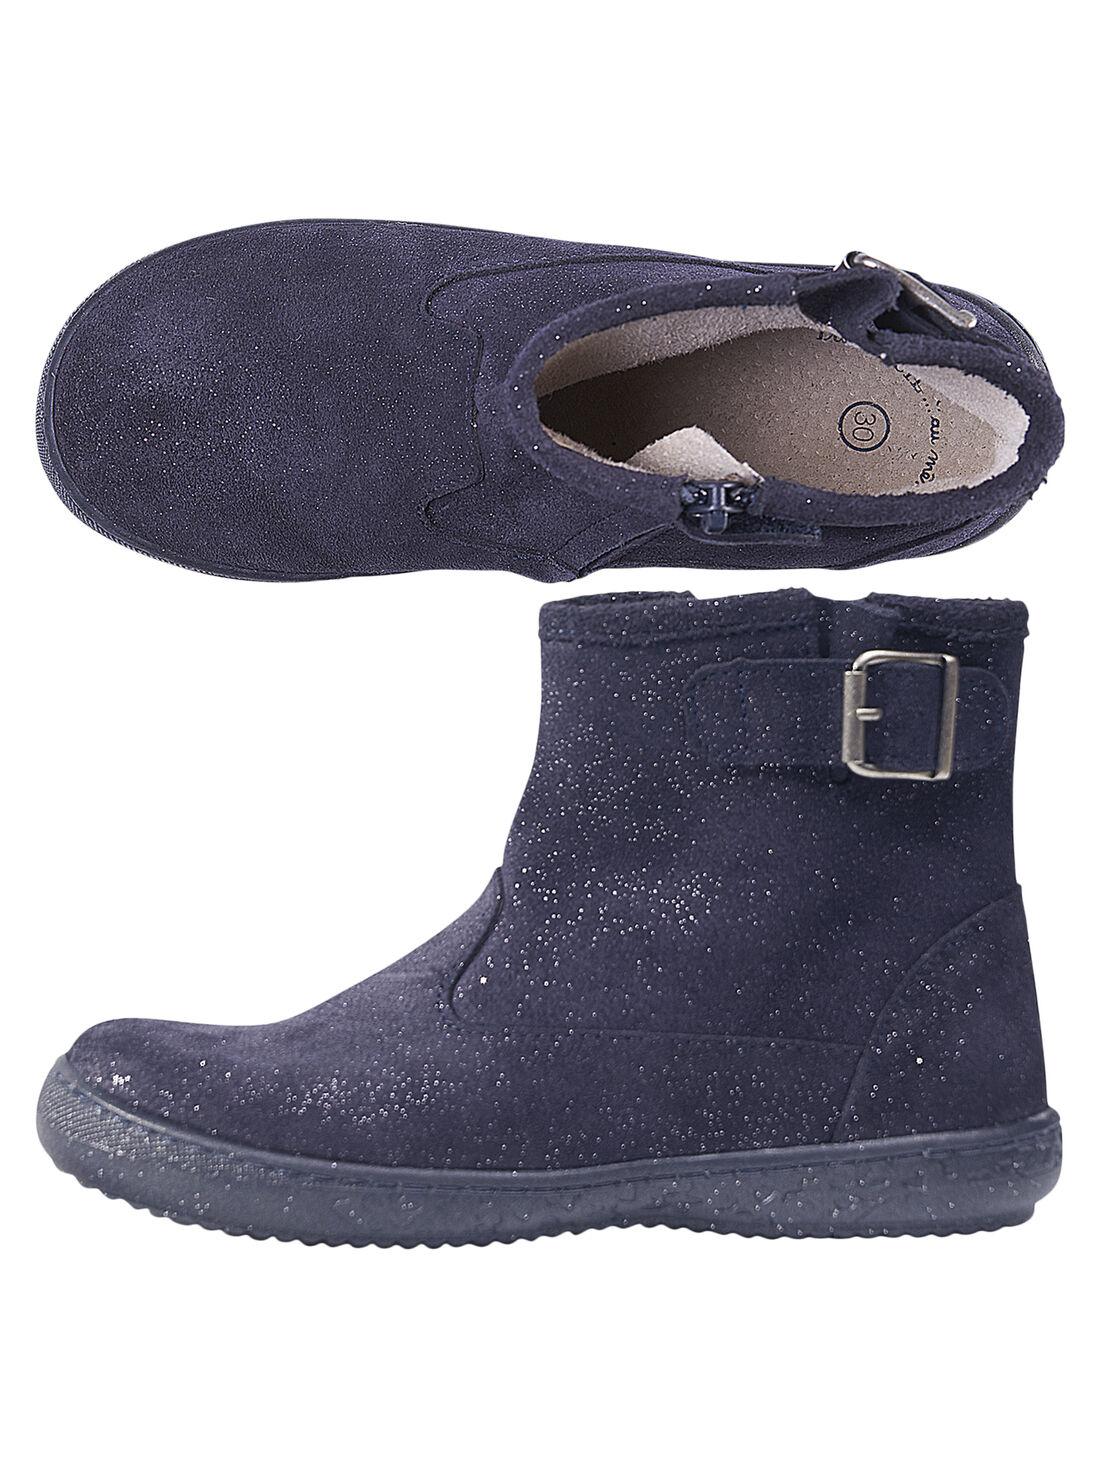 Boots croûte de cuir paillettes marine enfant fille